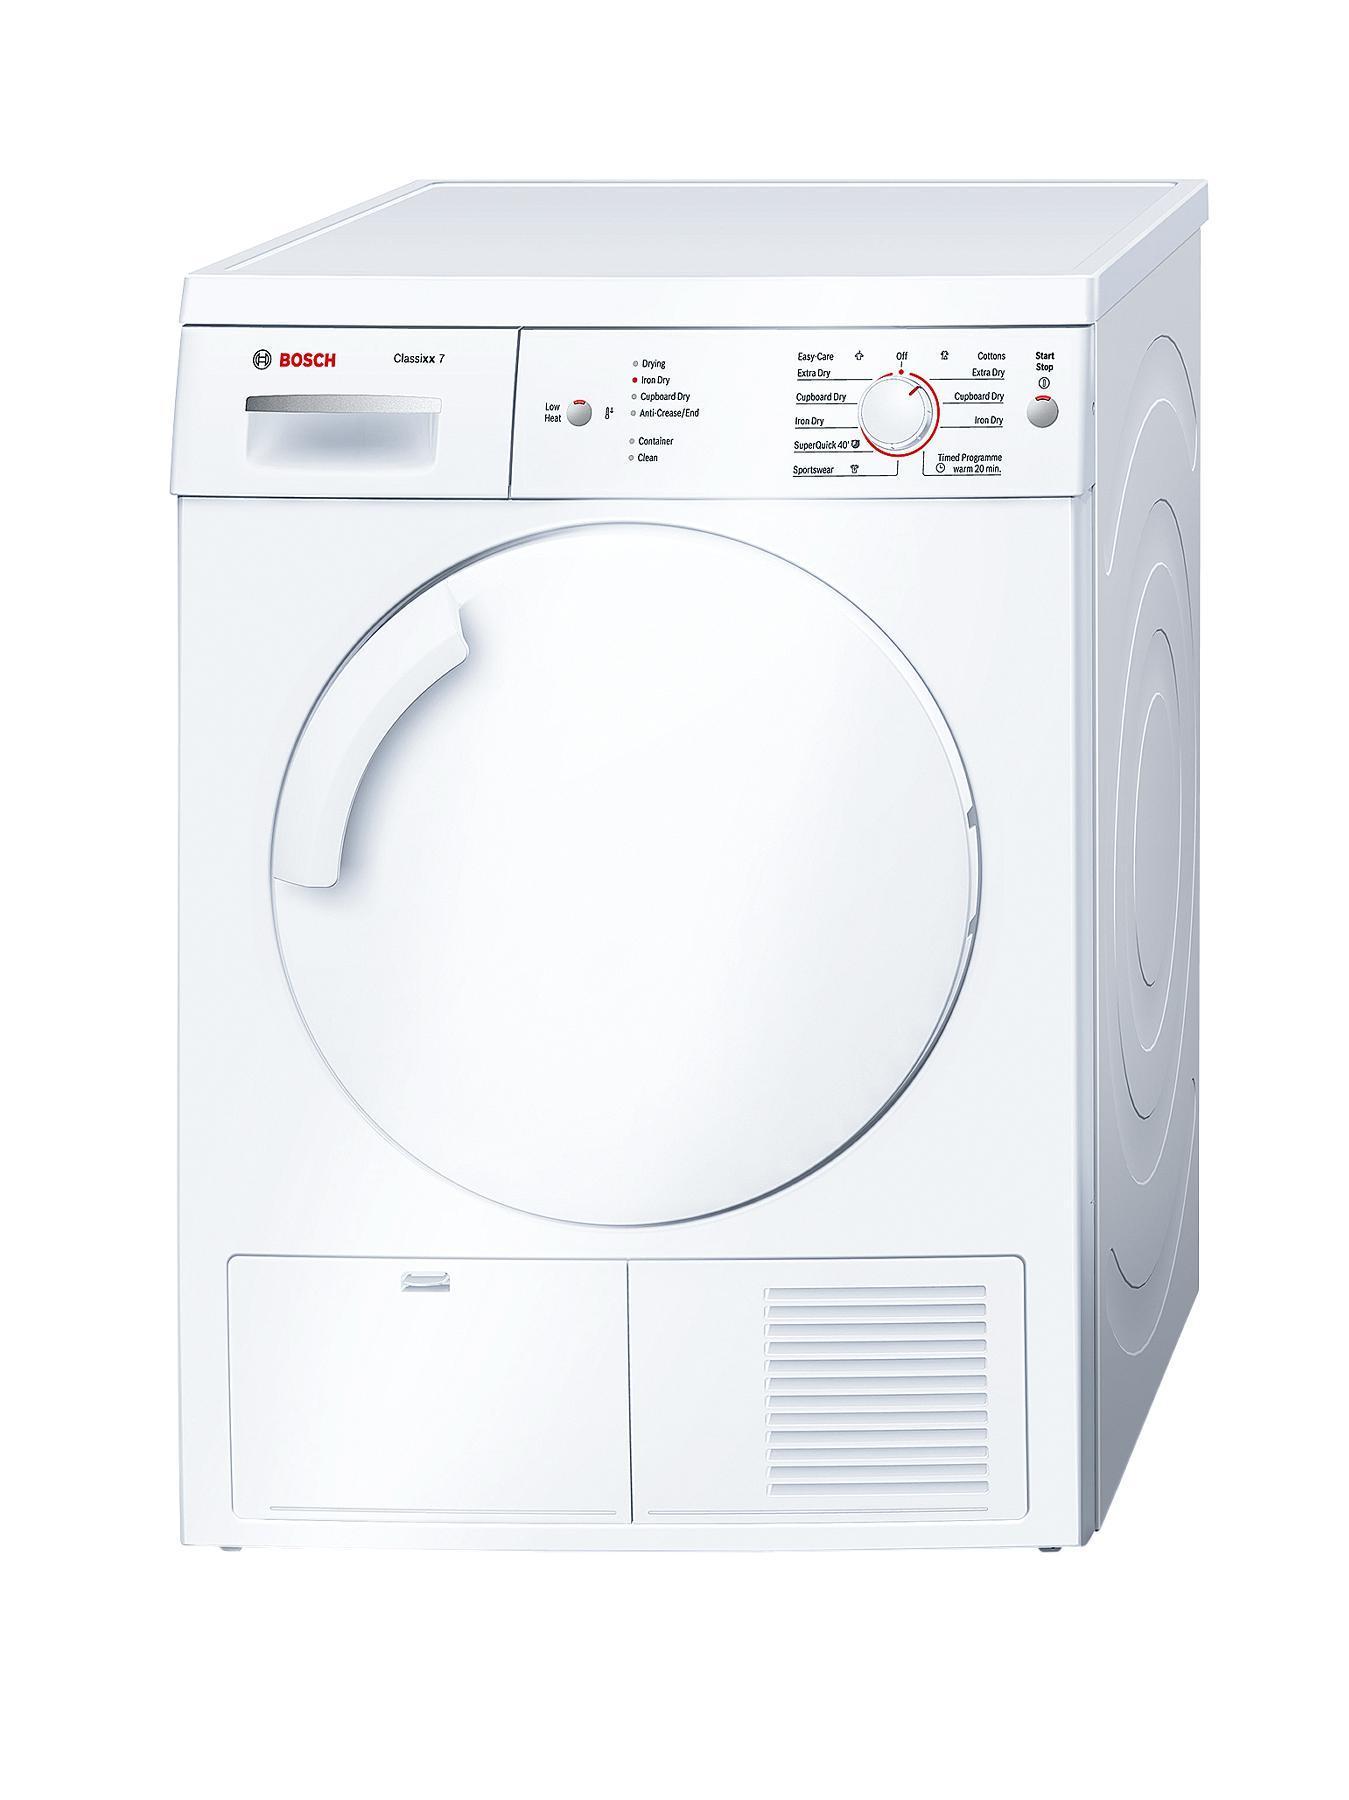 Bosch Classixx WTE84106Gb 7kg Load Condenser Tumble Dryer - White